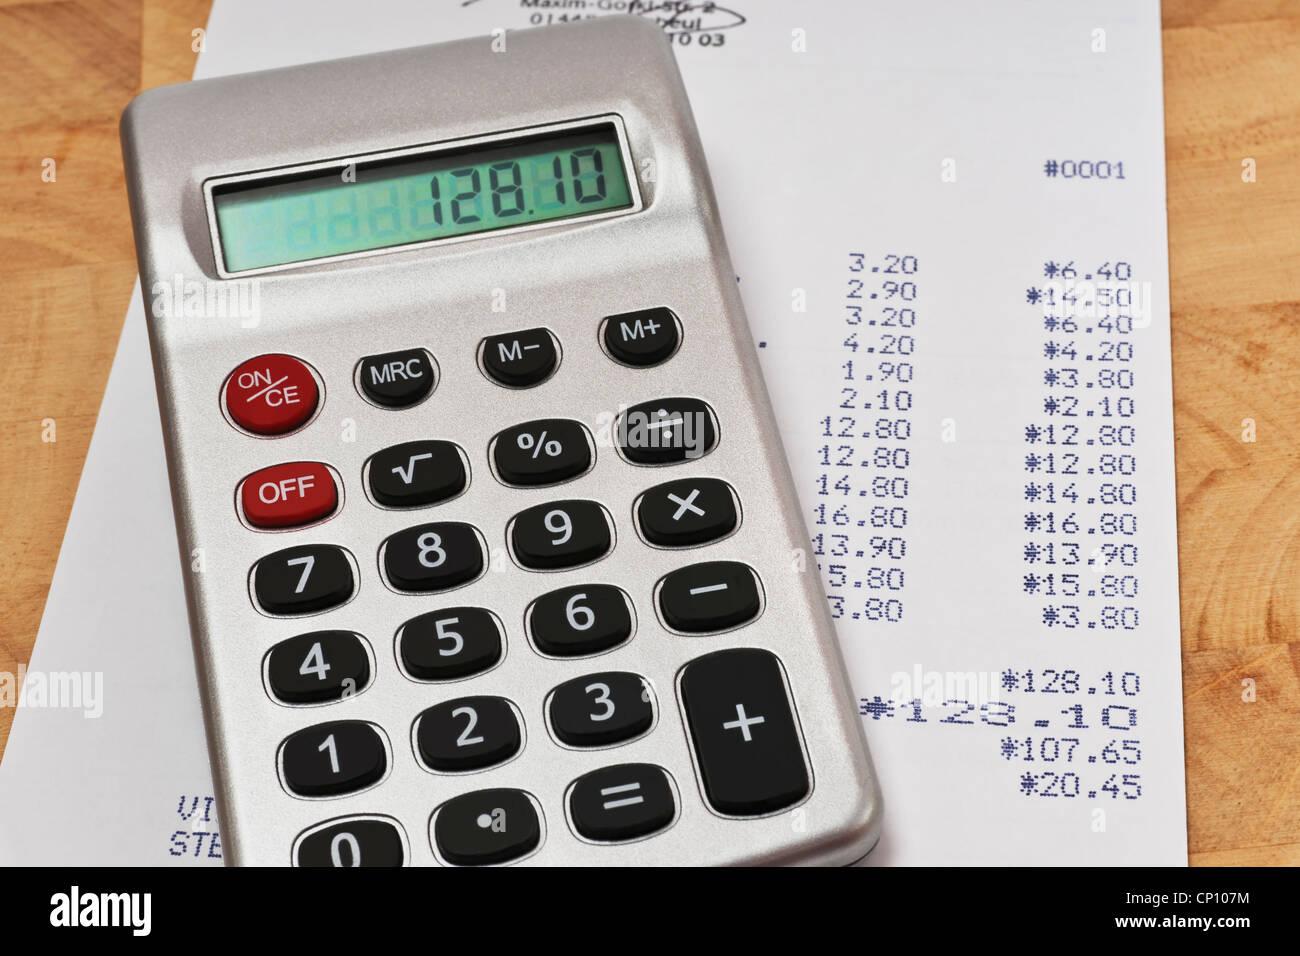 Ein Taschenrechner liegt auf einer Rechnung   A pocket calculator lies on an invoice. Stock Photo